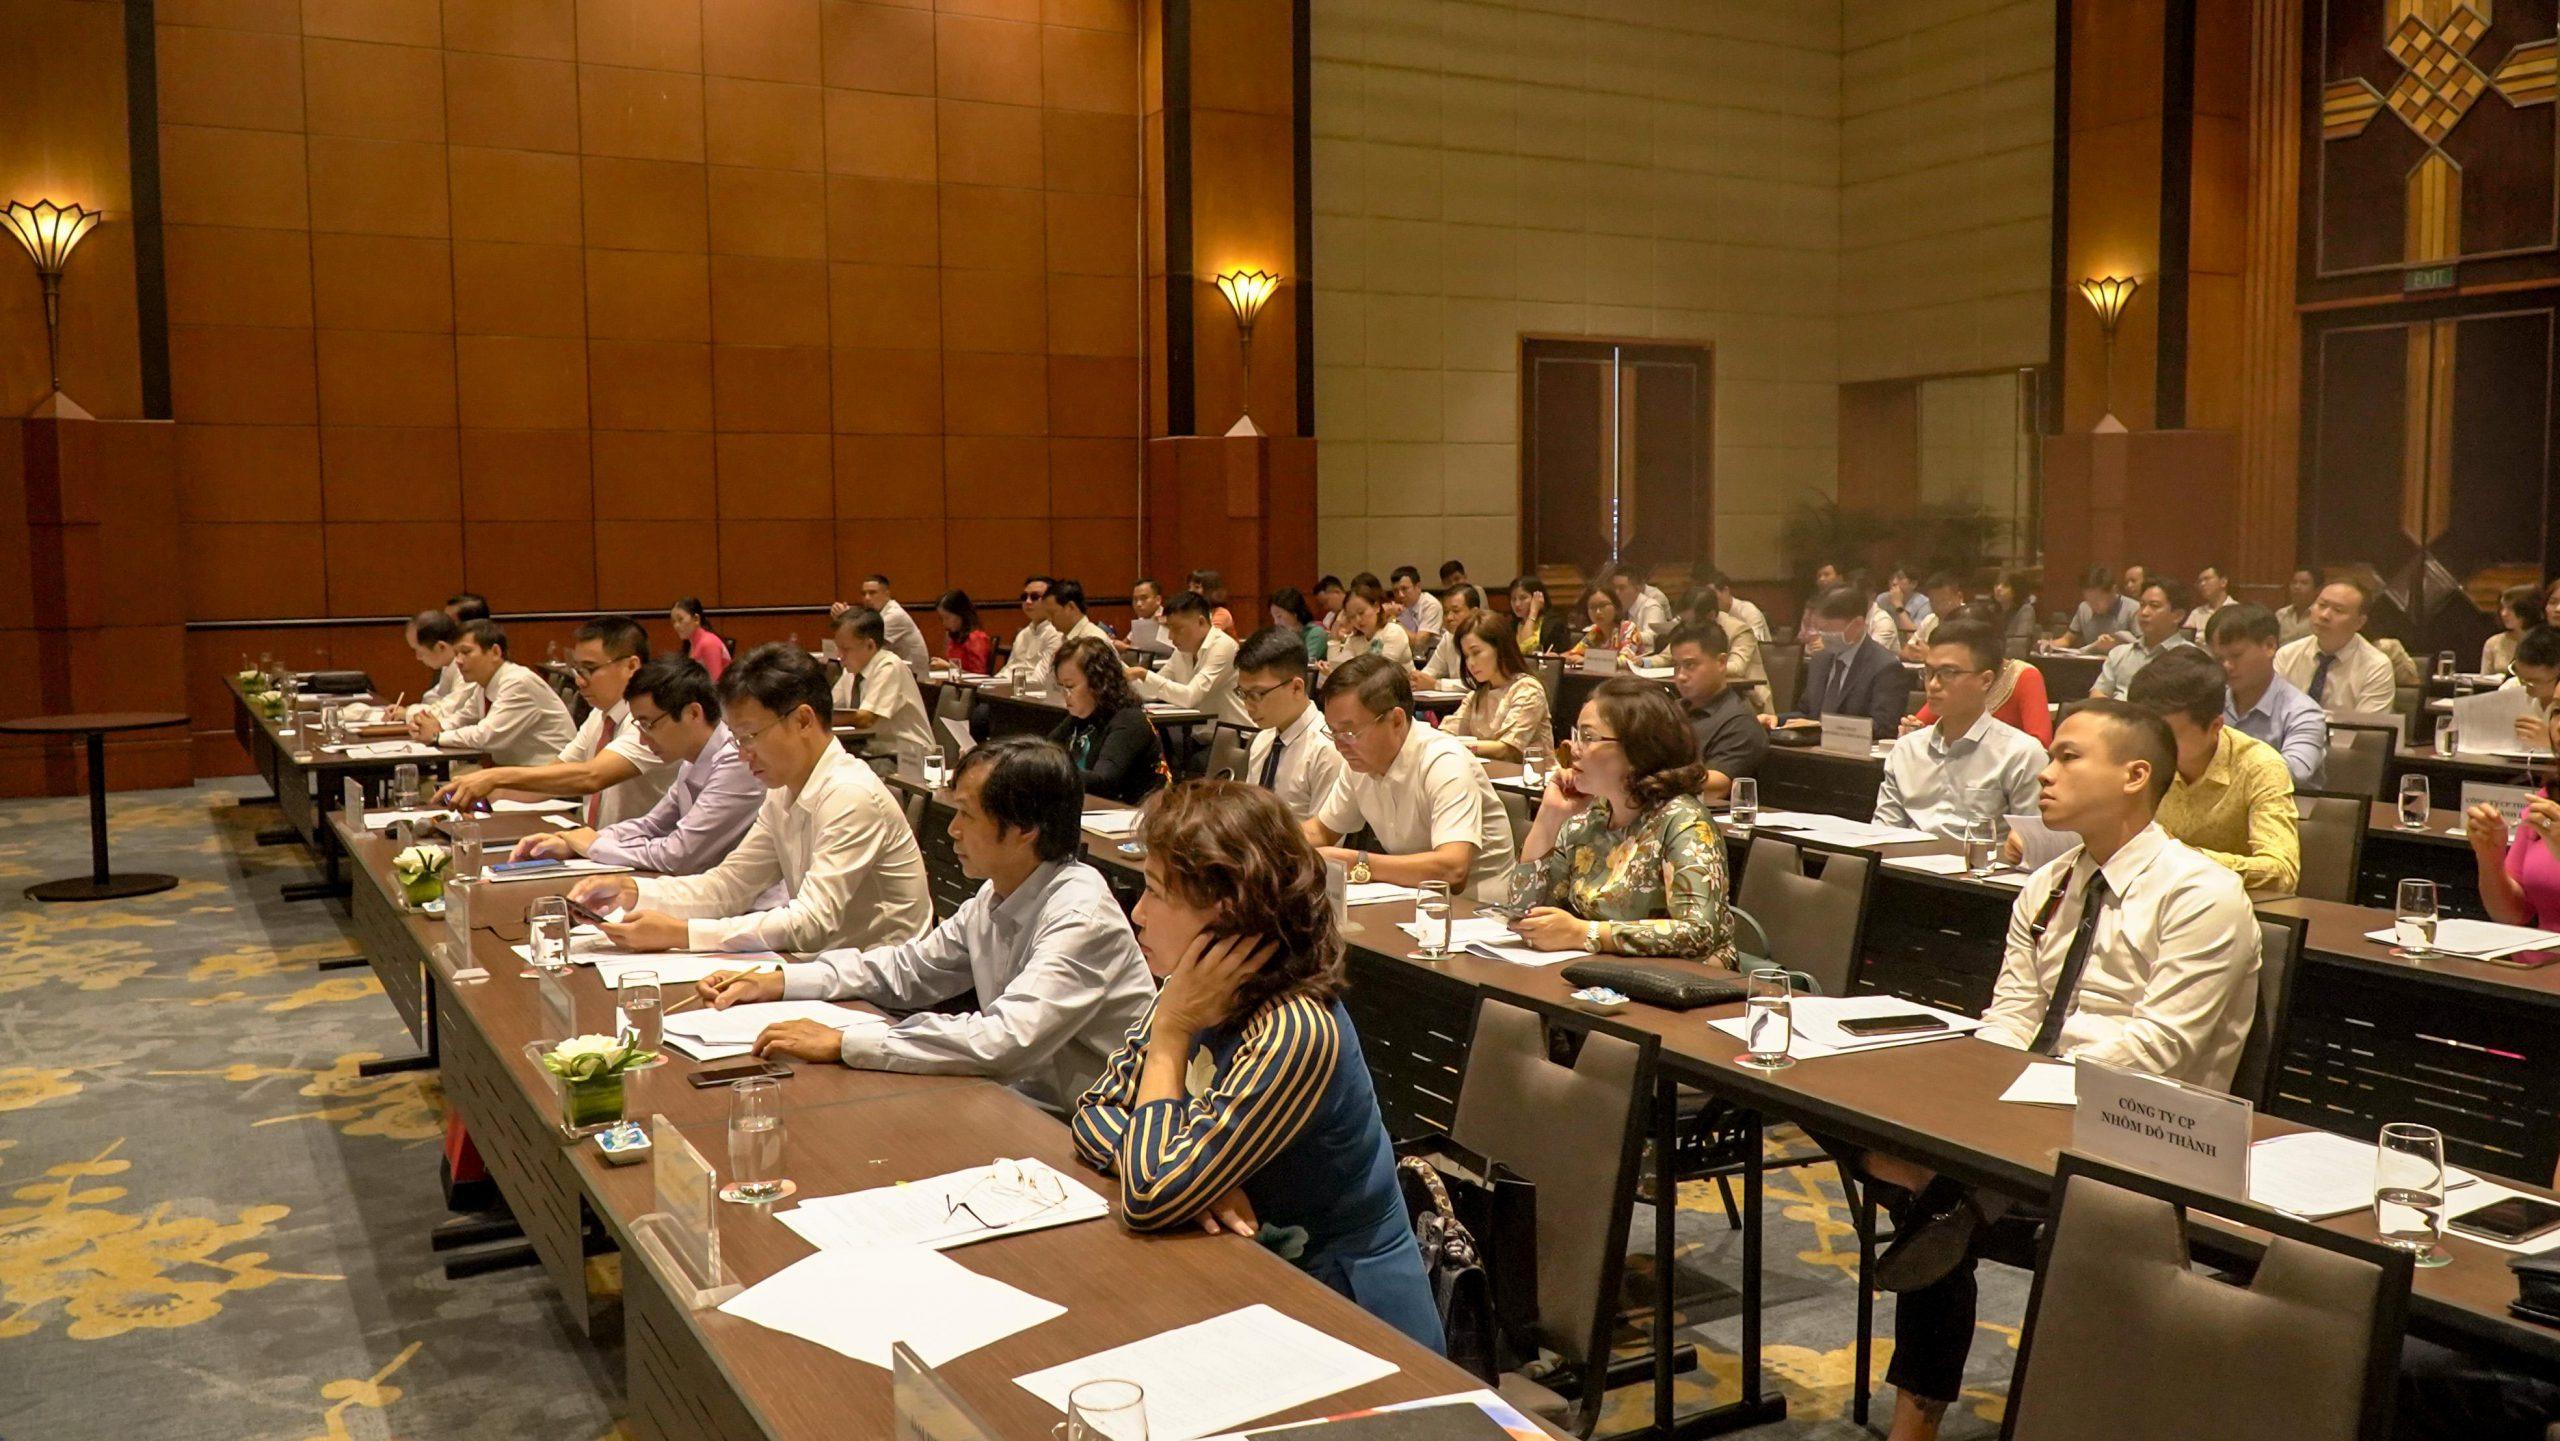 Hiệp hội nhằm xây dựng và phát triển ngành công nghiệp Nhôm Việt Nam uy tín, chất lượng, vững mạnh.